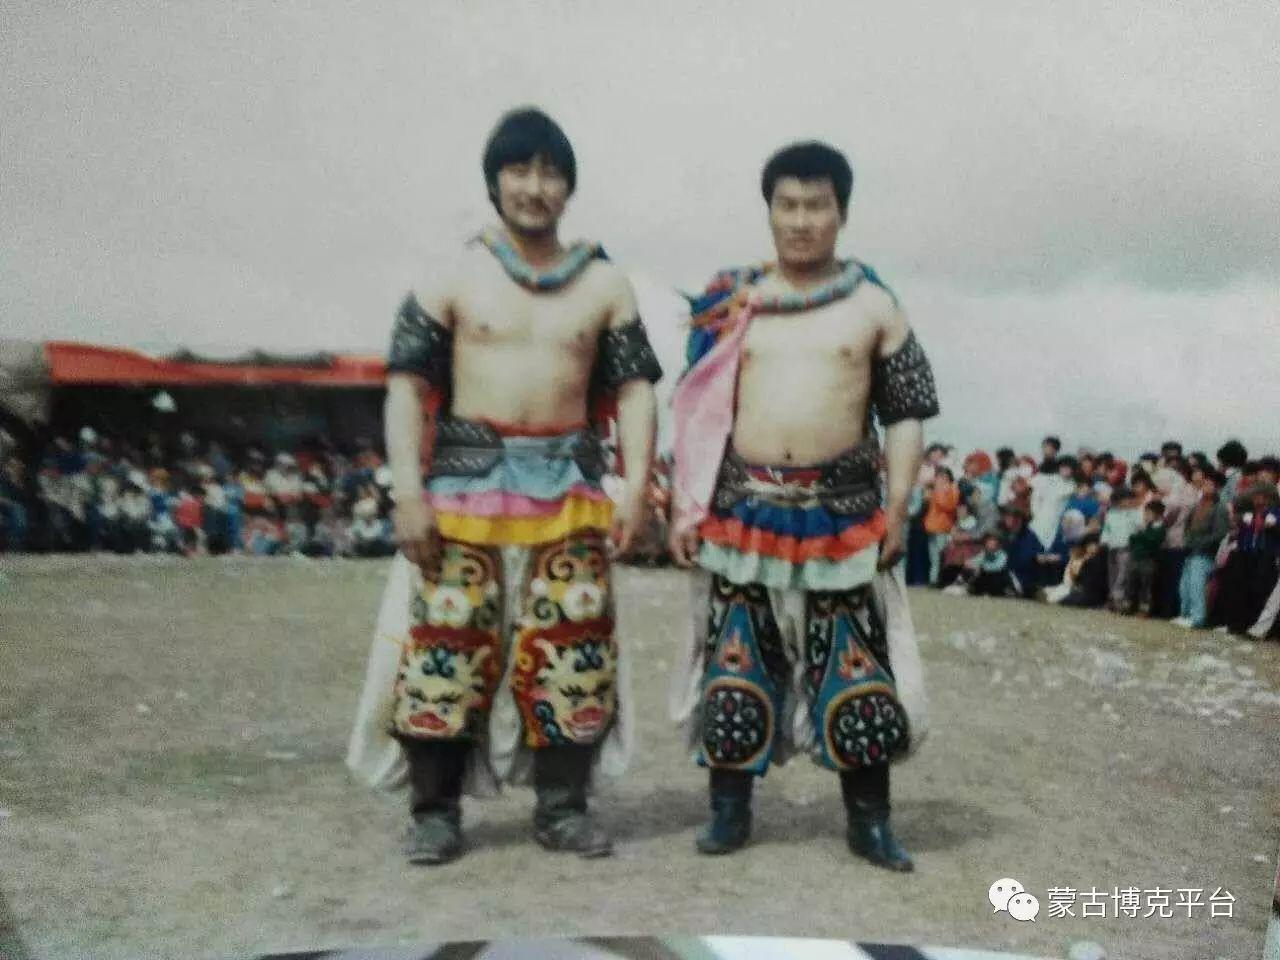 蒙古博克-老前辈们(图片) 第4张 蒙古博克-老前辈们(图片) 蒙古文化